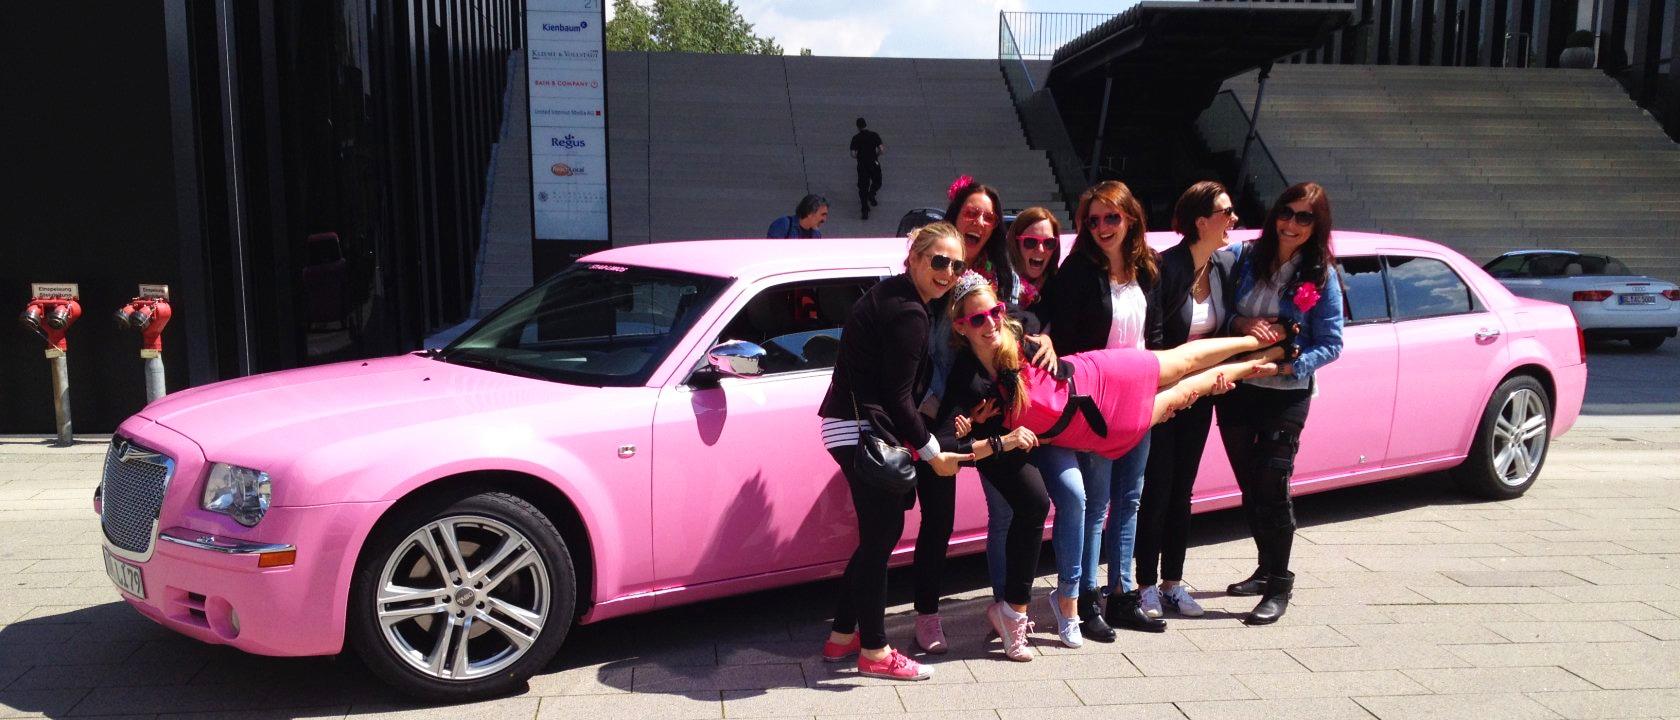 Chrysler 300 Stretchlimousine – pink